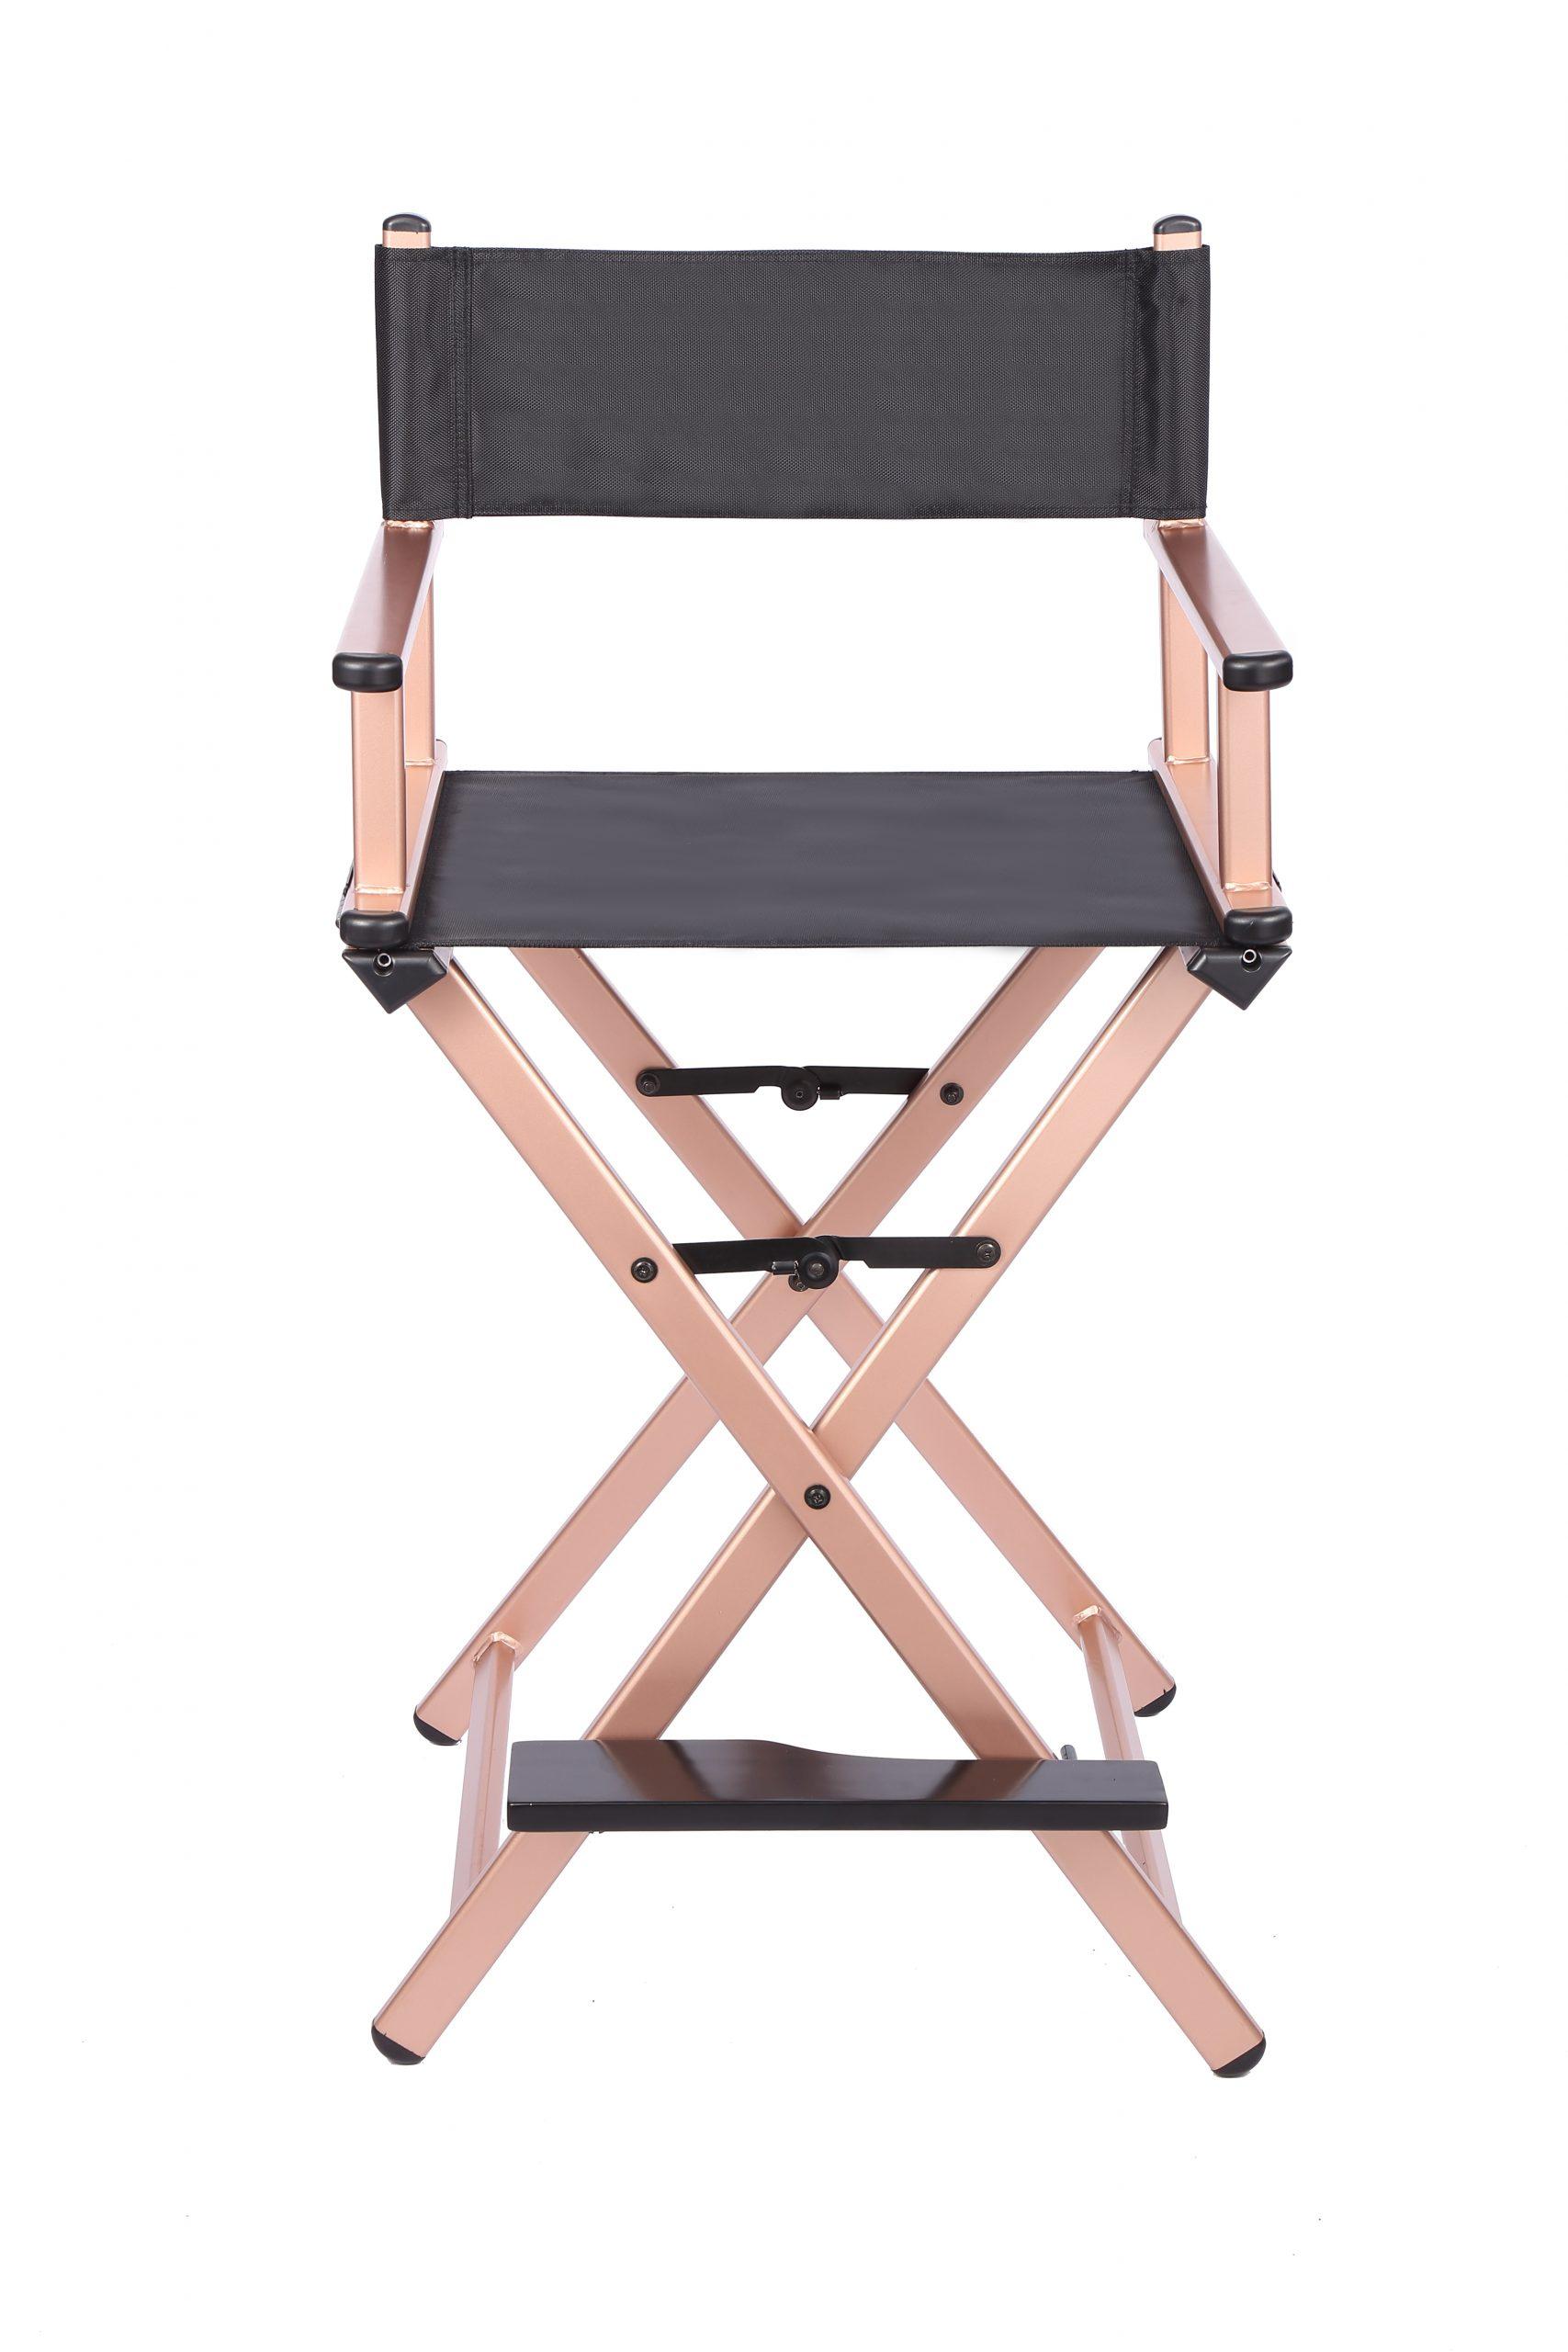 Разборный стул визажиста из алюминия (золотой) - изображение